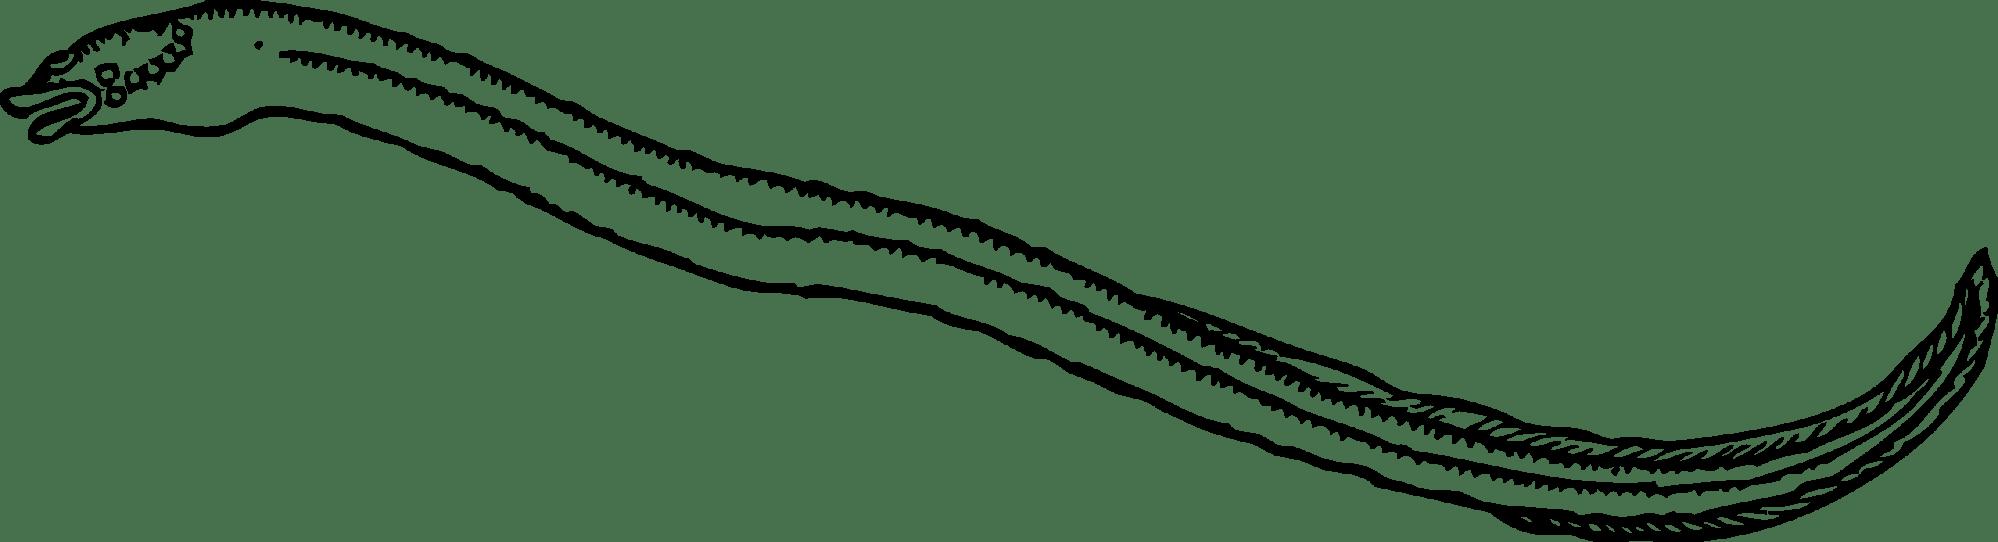 hight resolution of eel clip art